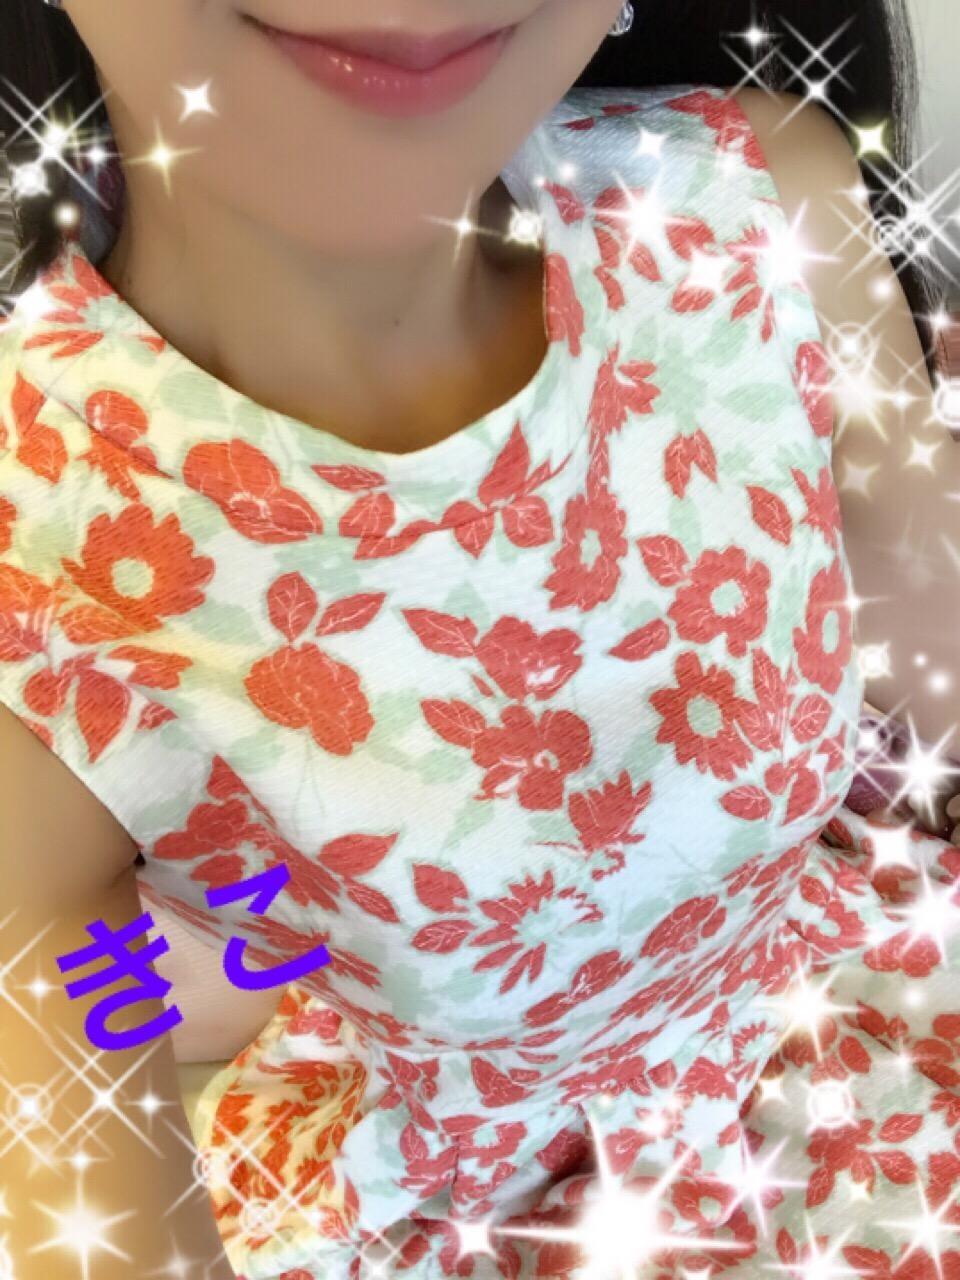 「出勤です♪」07/26(07/26) 17:19 | きこ奥様の写メ・風俗動画